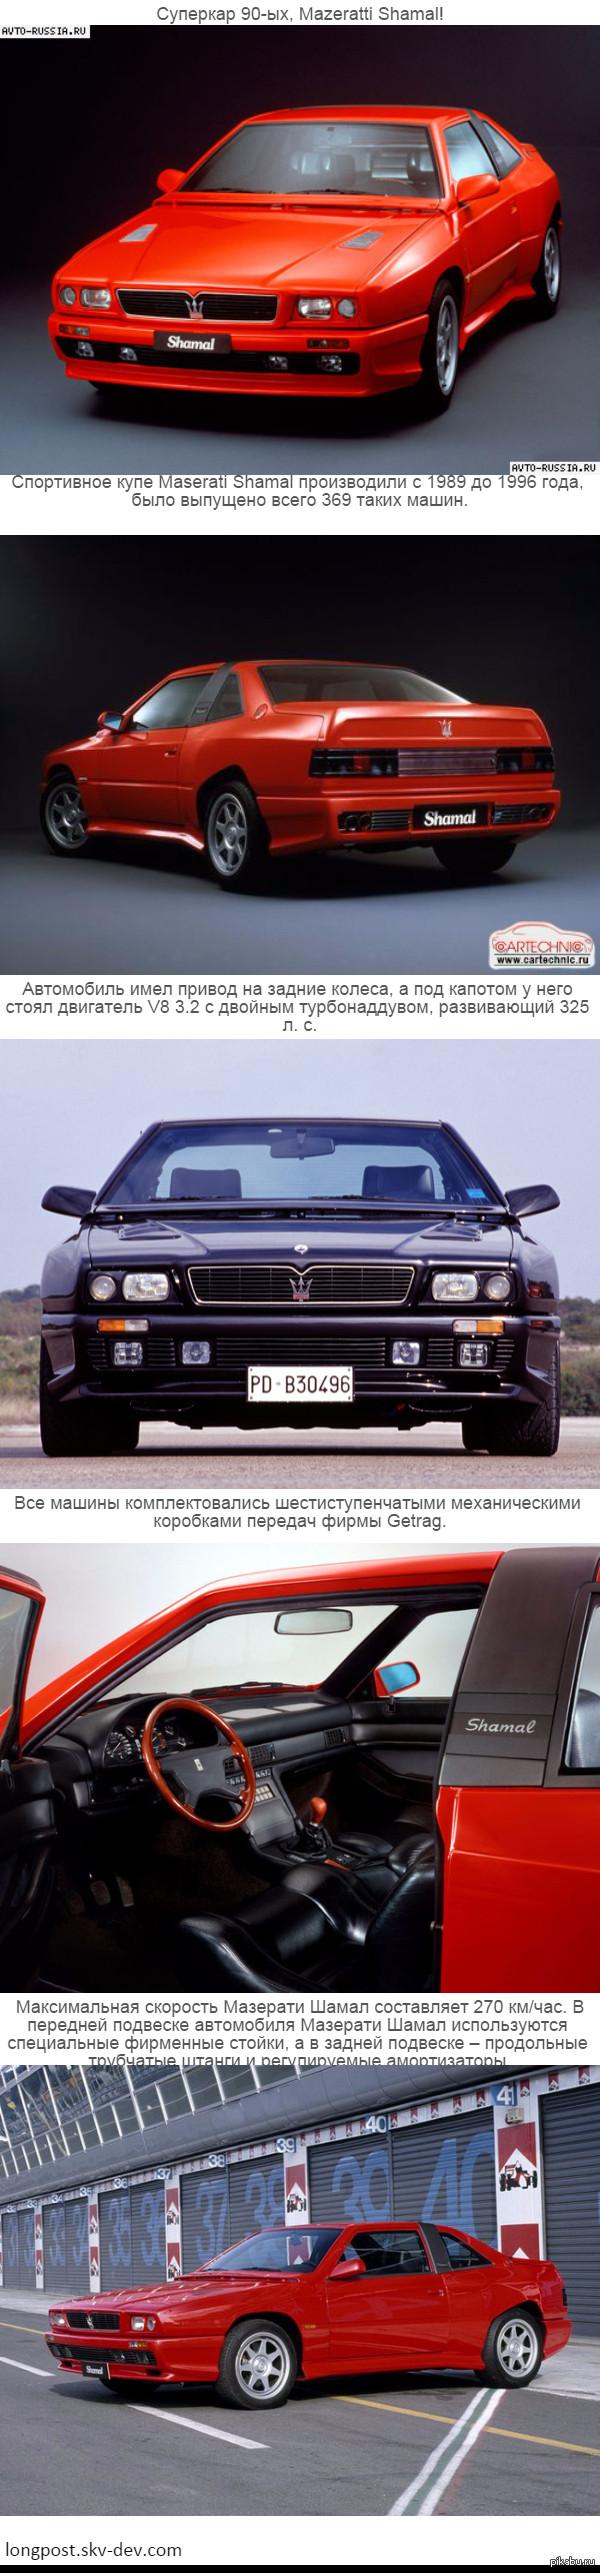 Красивые автомобили 90-ых. Красотка Mazerati!!!